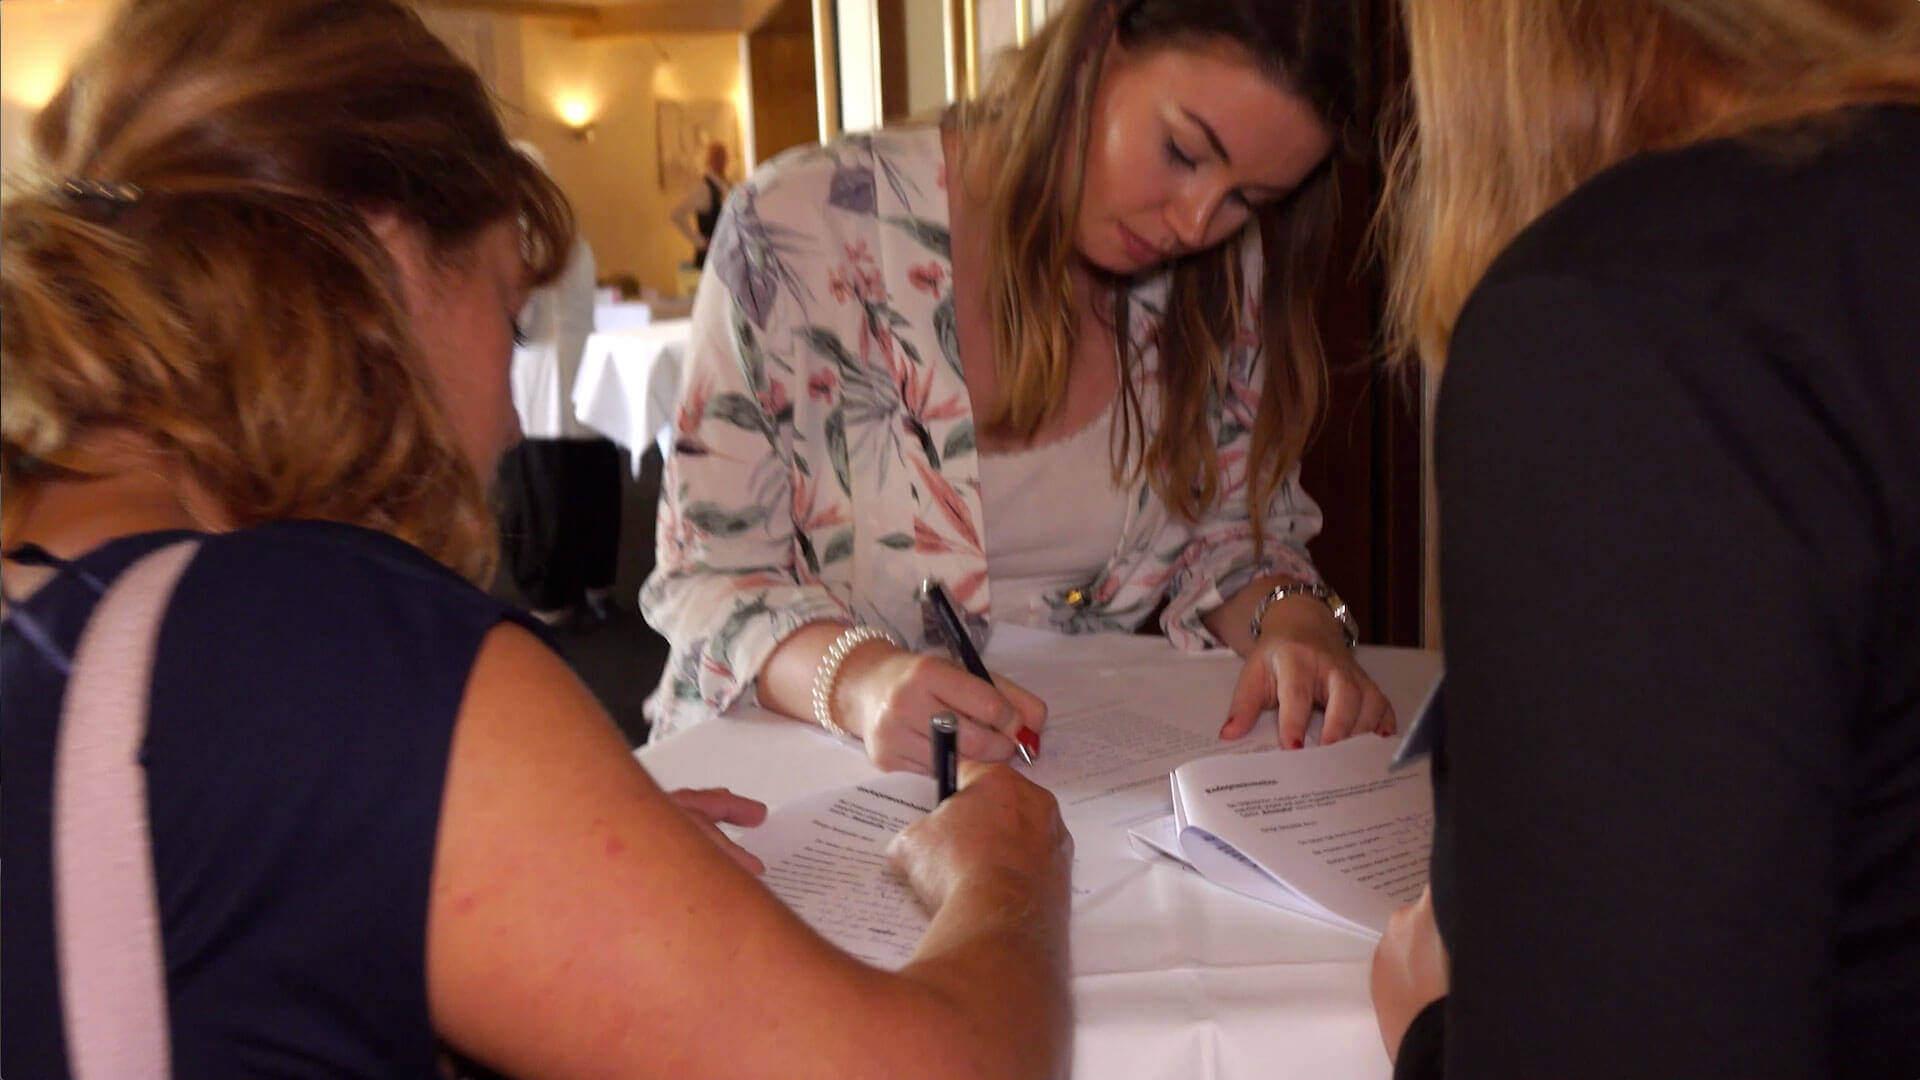 Workshop Teilnehmerinnen beim ausfüllen von Weiterbildungsunterlagen